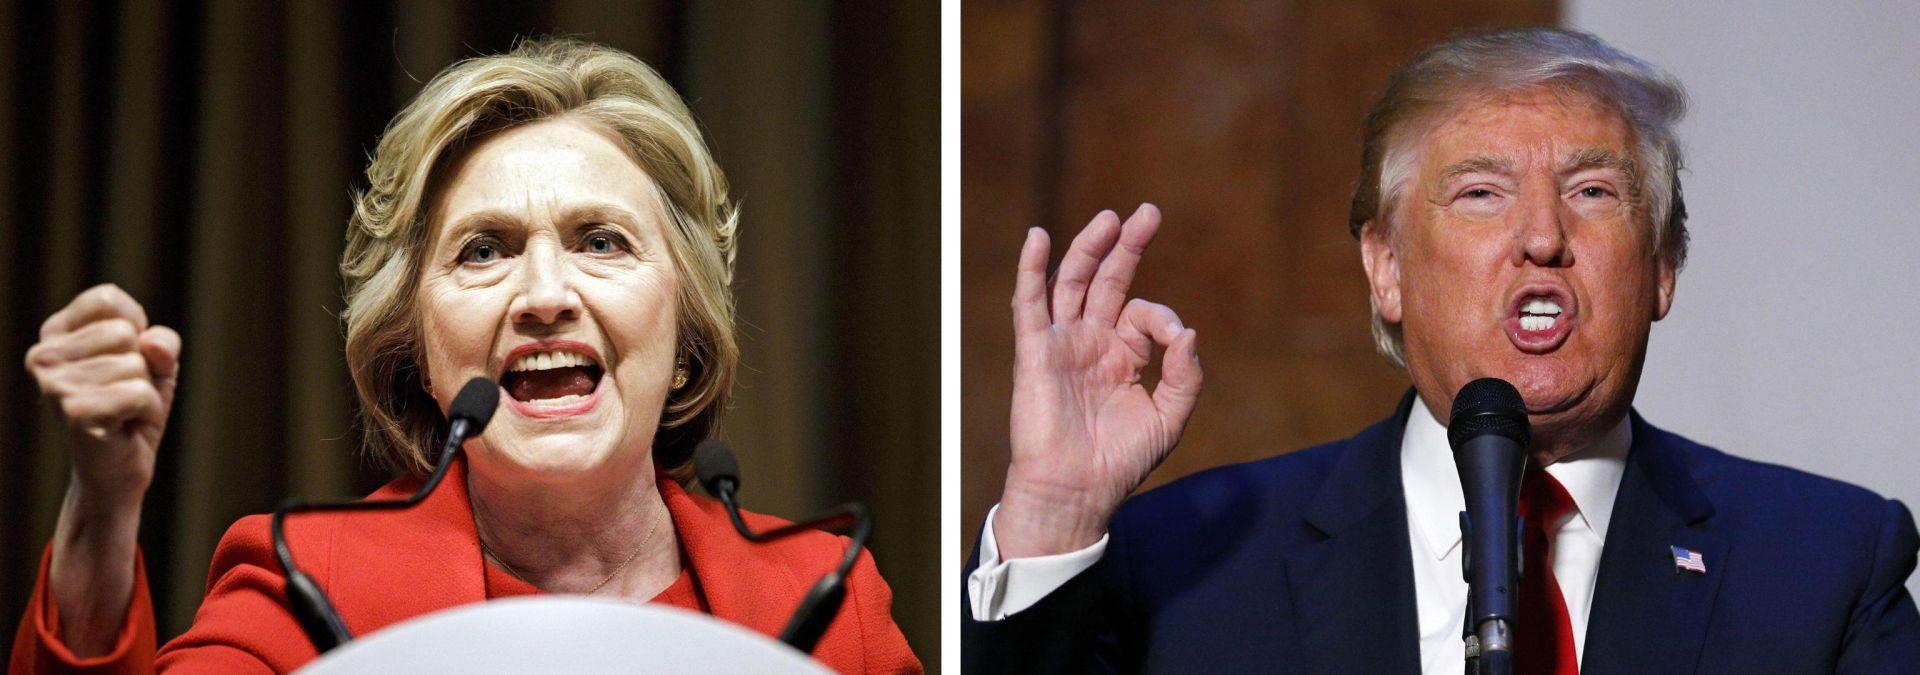 Hillary Clinton povećala prednost ispred Trumpa